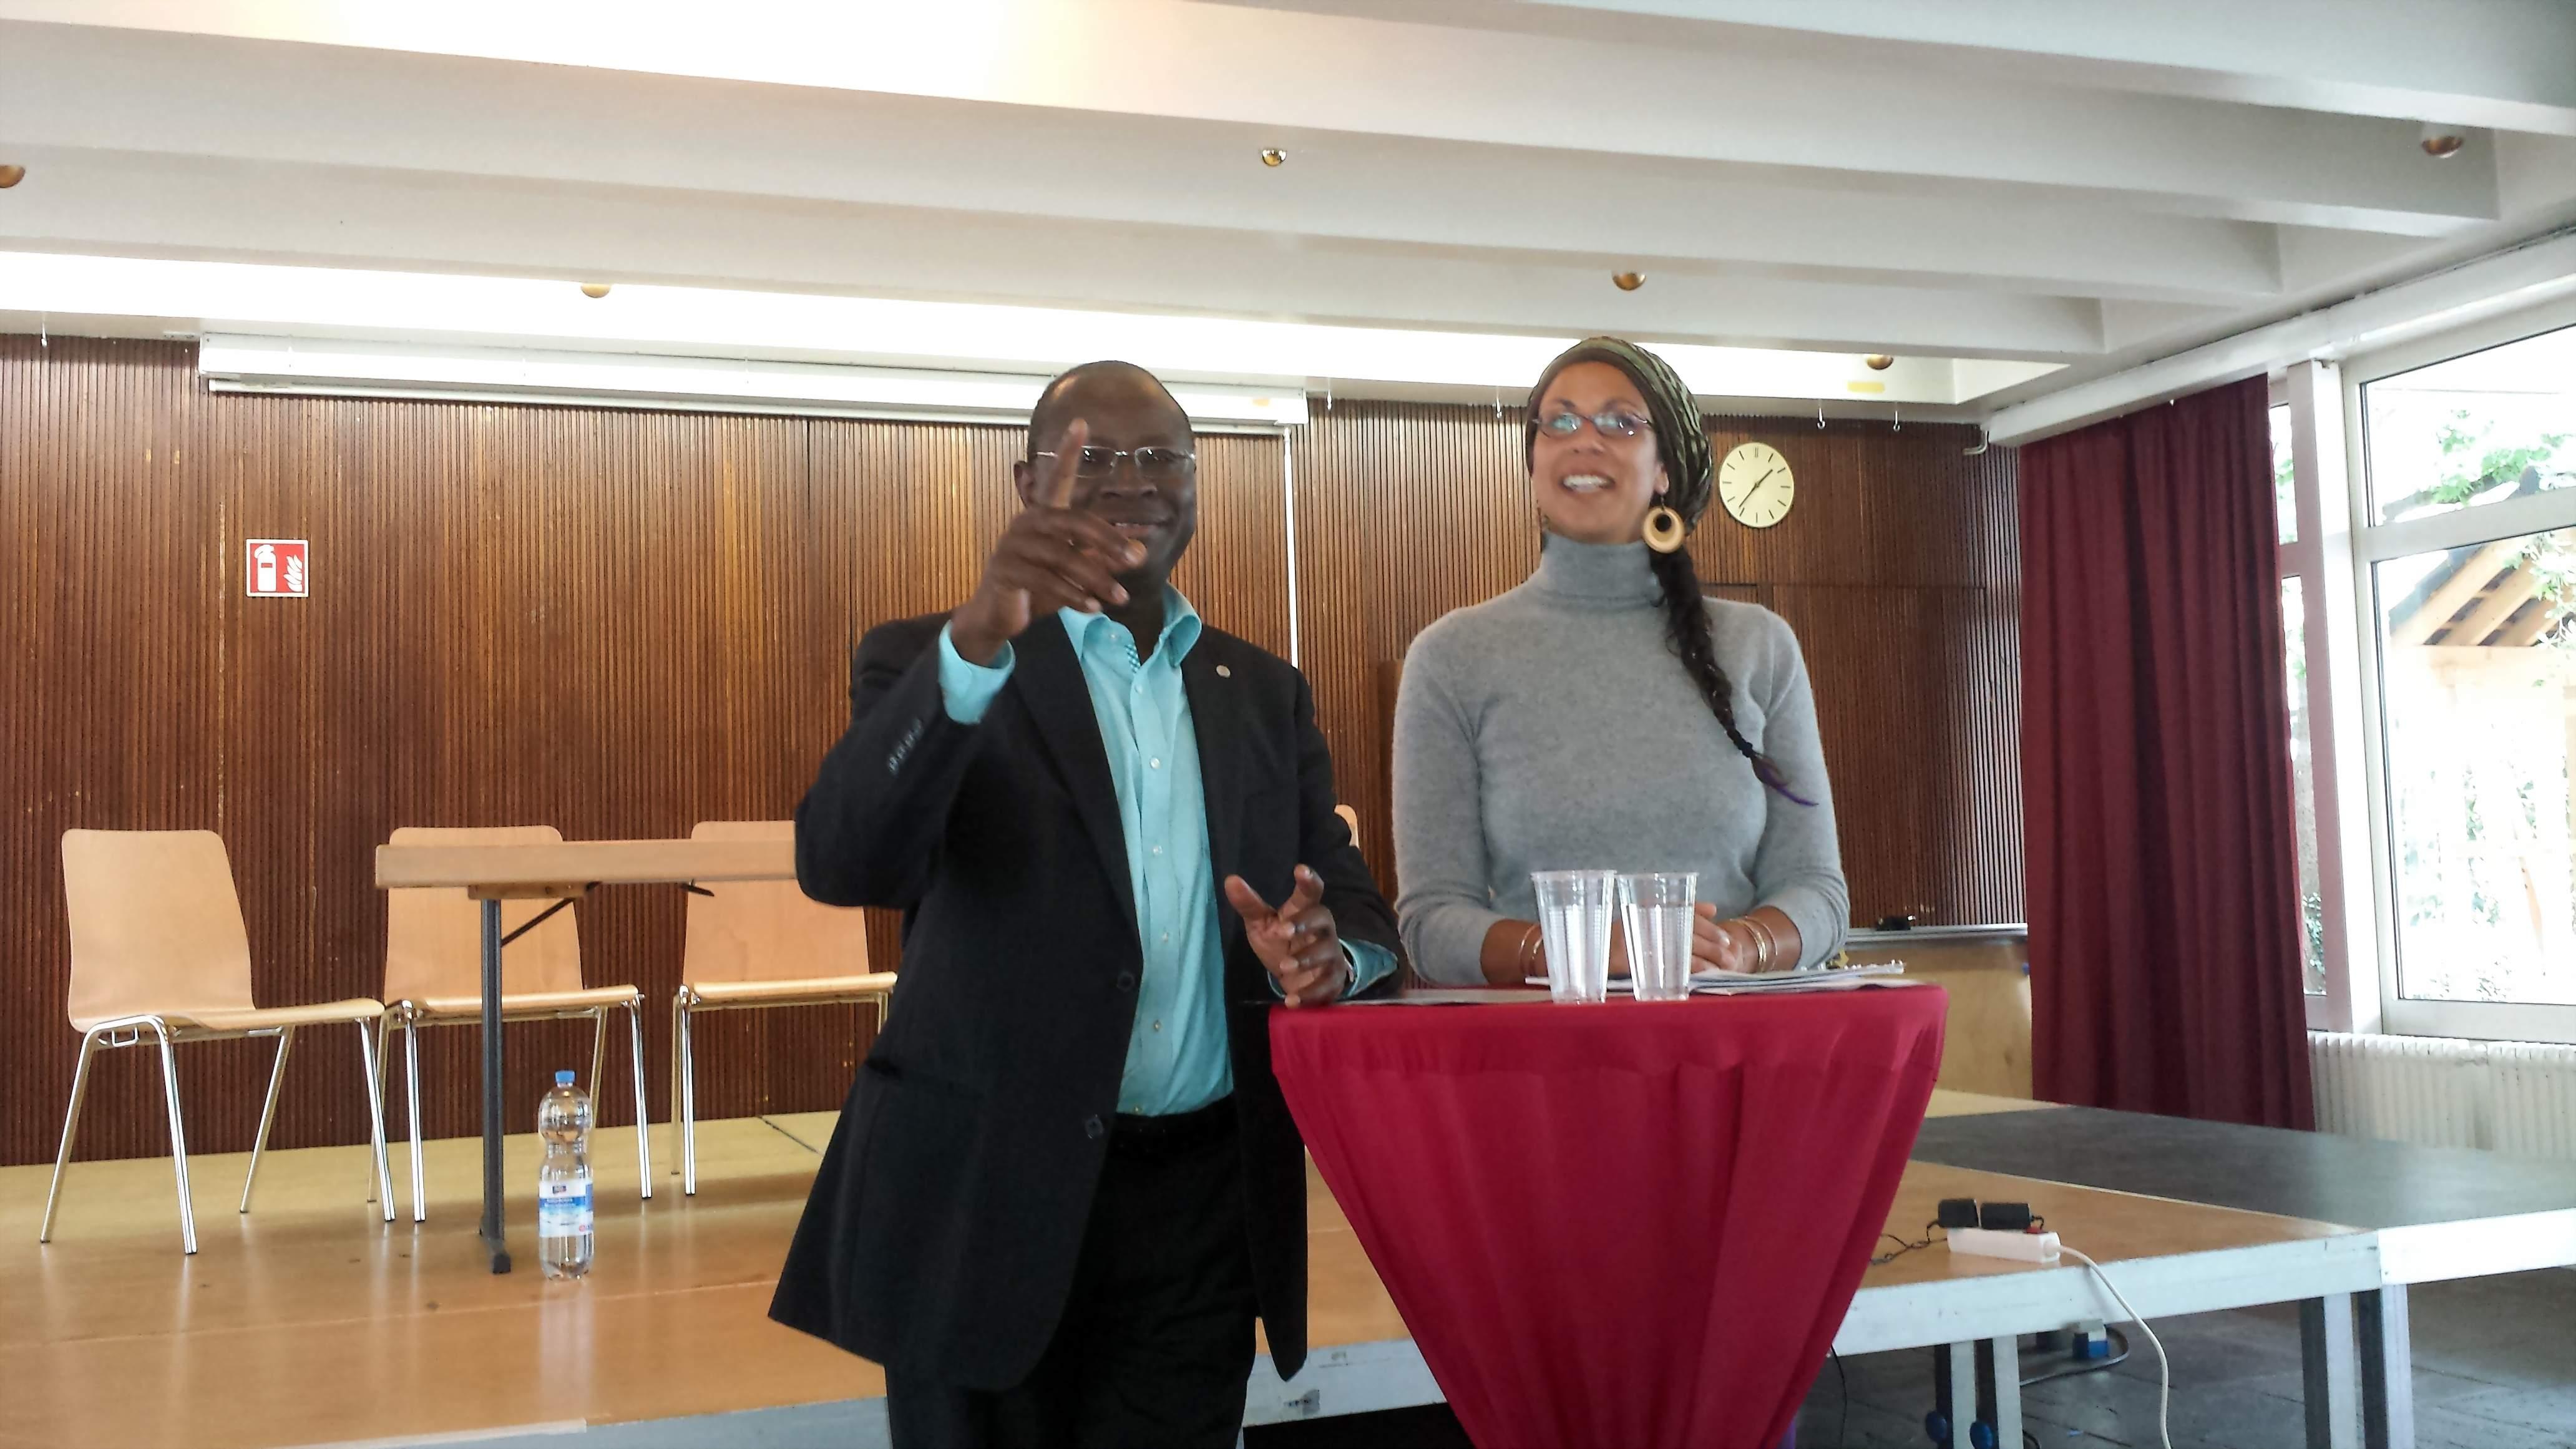 Referierte humvorvoll in Dortmund: Dr. Karamba Diaby. Hier im Bild mit Moderatorin Julia Rumi; Fotos (4): C.-D. Stille